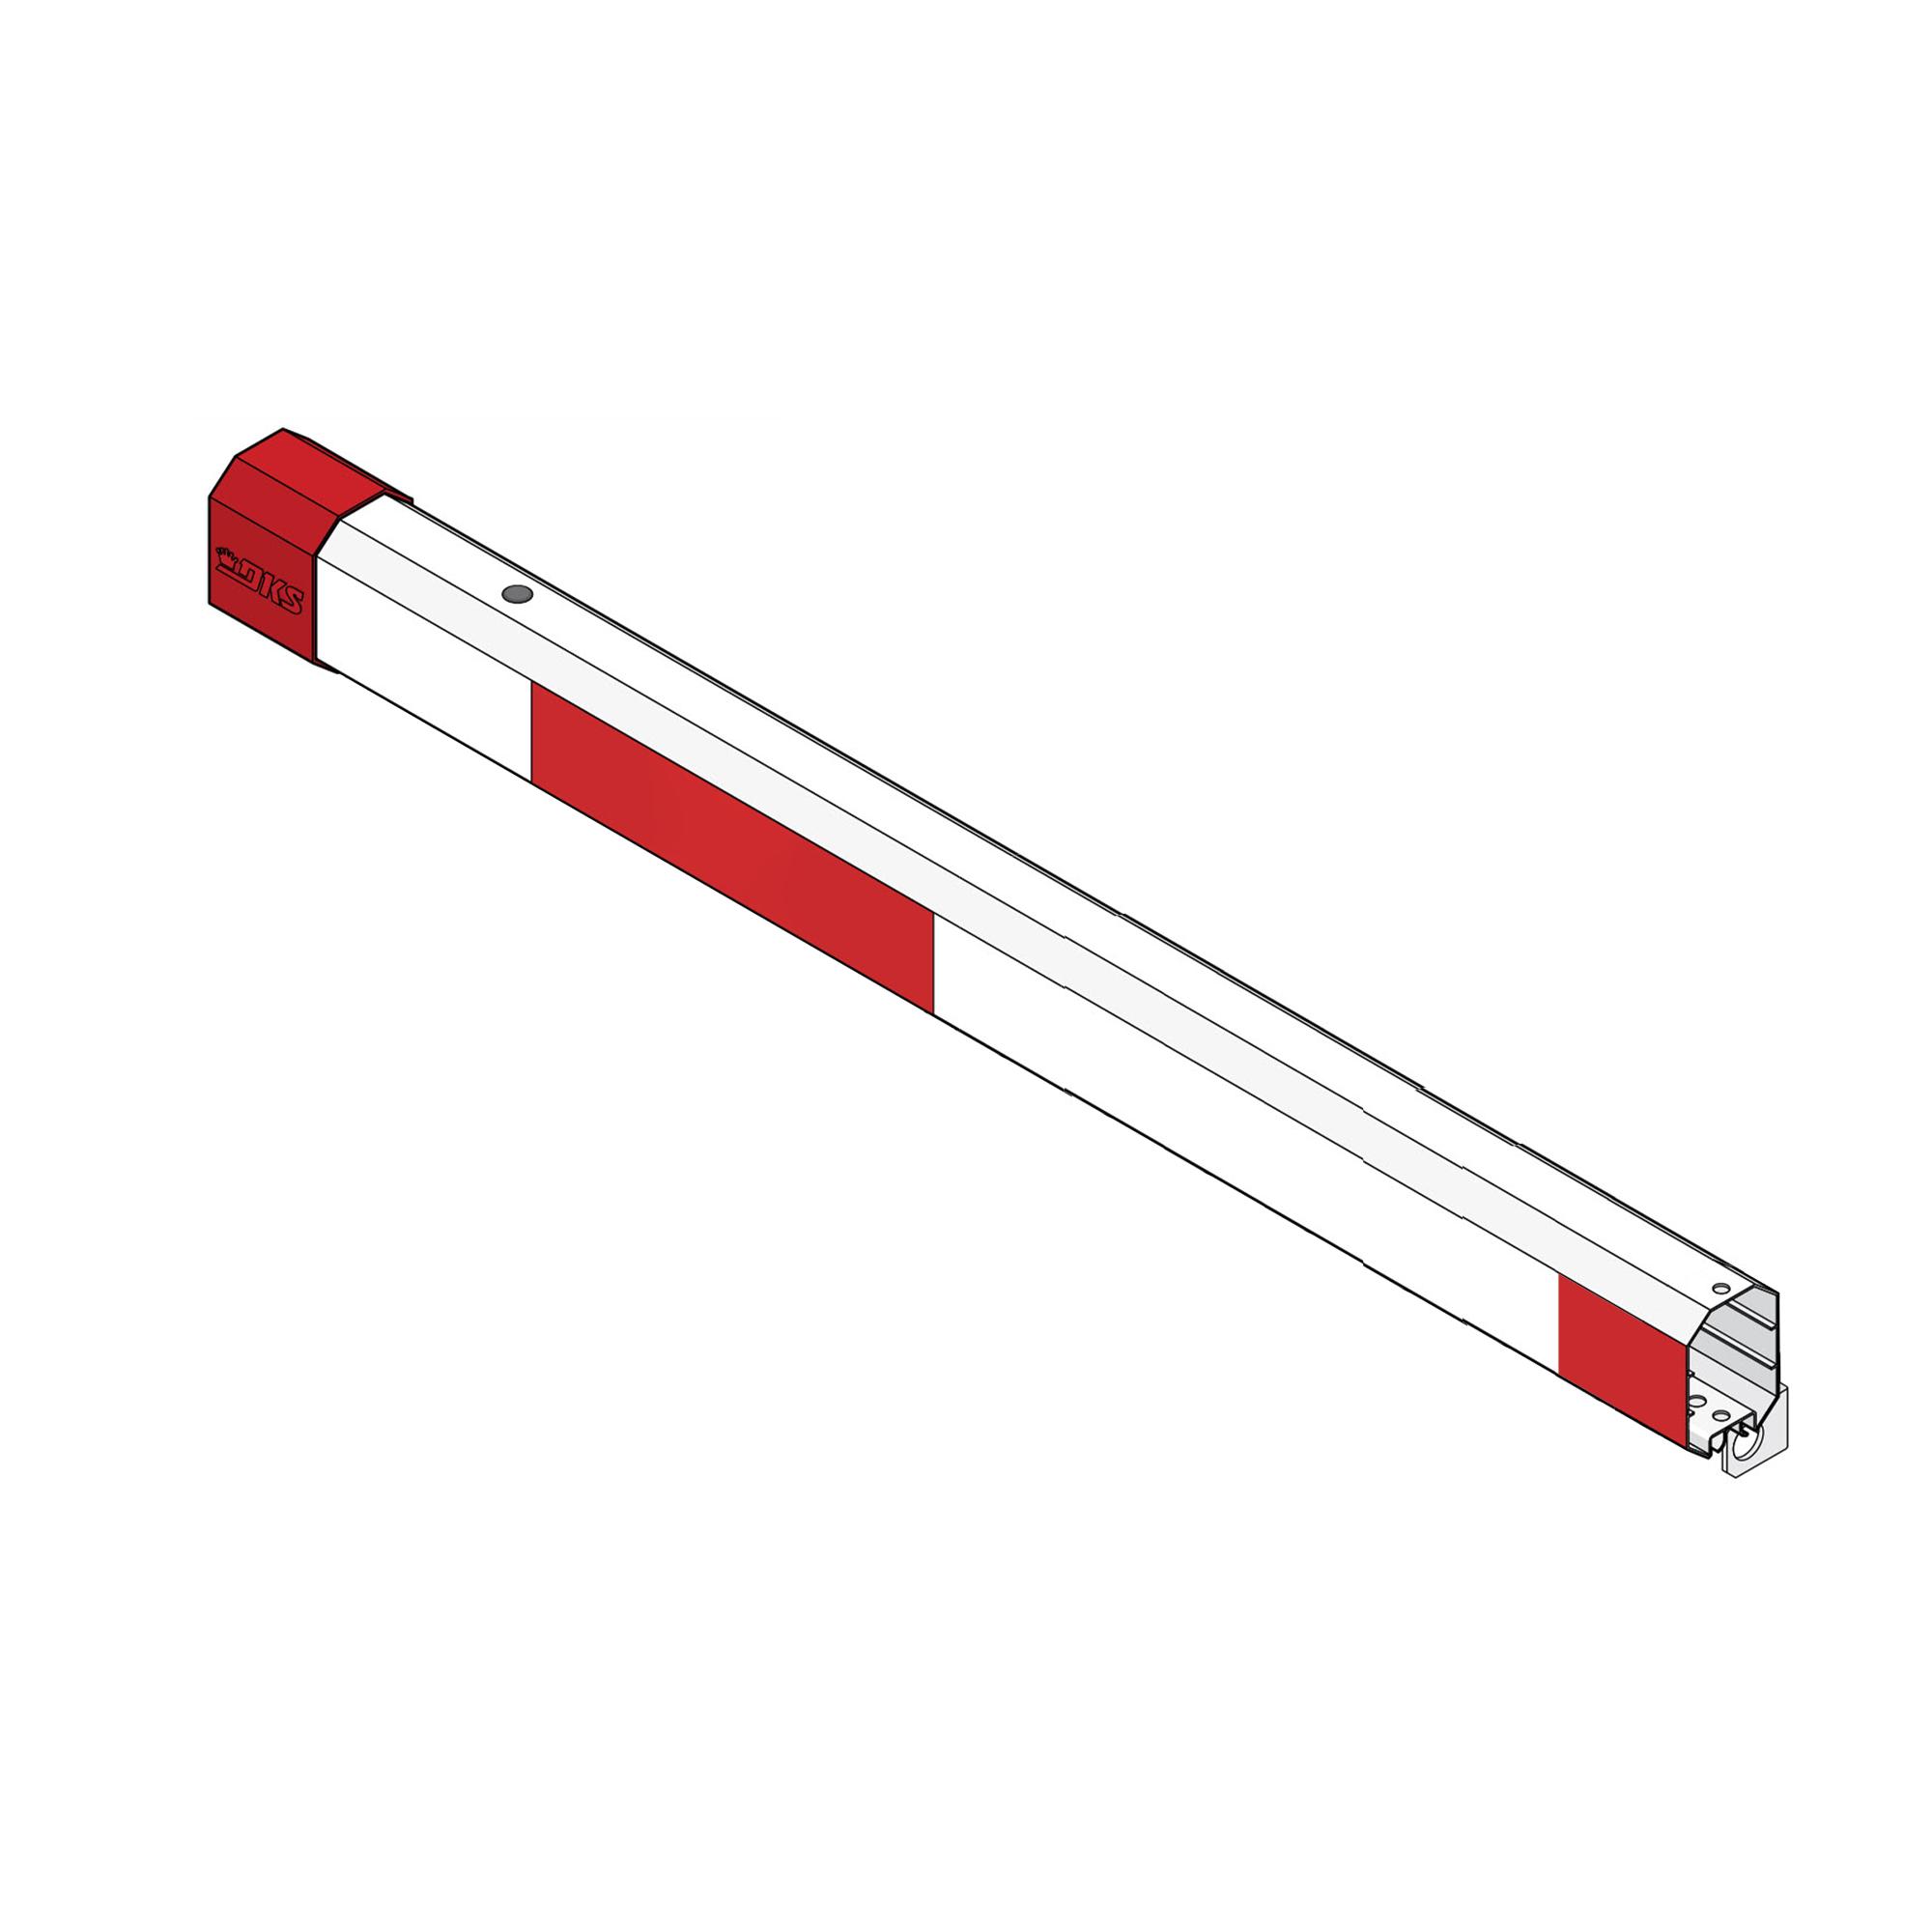 Brazo Octagonal de Aluminio de 4.2 metros / Compatible con Iluminación Rojo-Verde (No incluida)